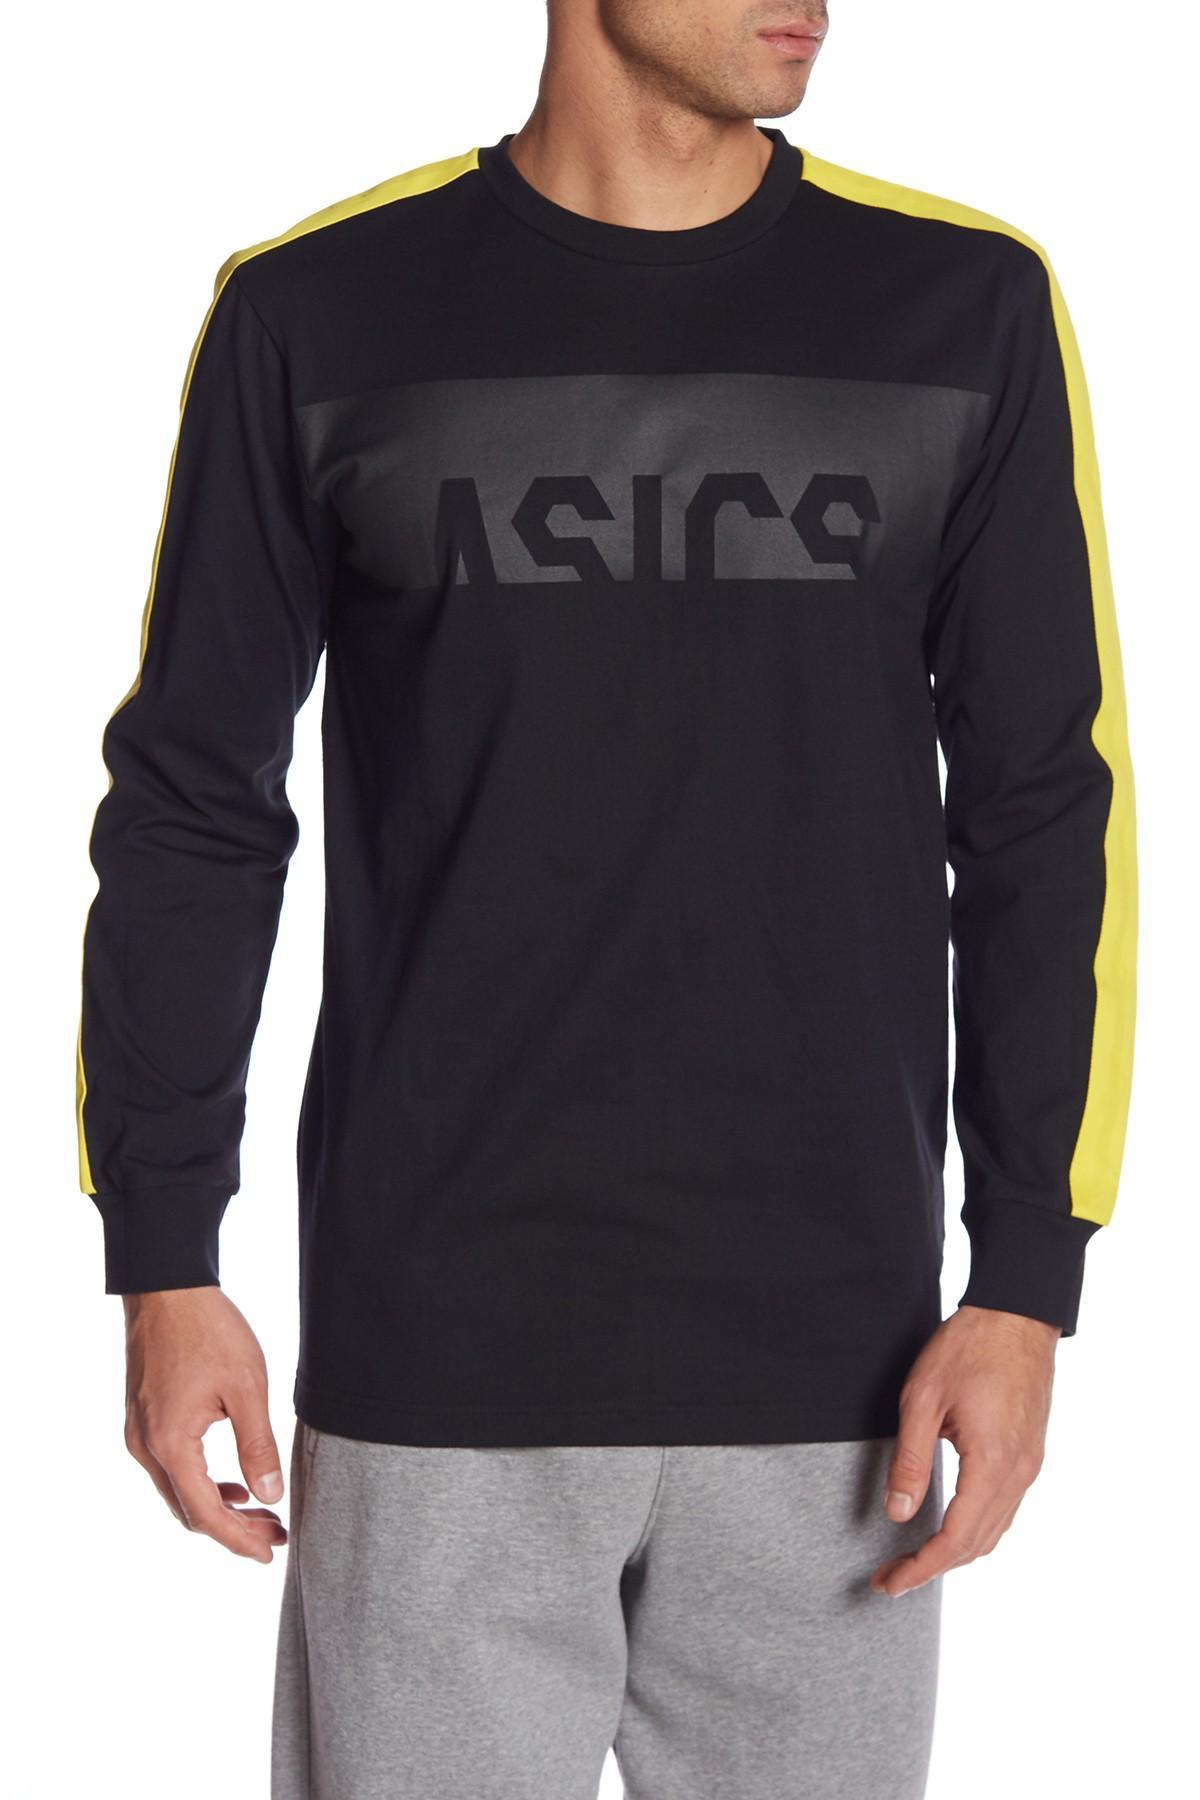 96b2abd75f Lyst - Asics Dojo Long Sleeve Crew Neck Tee in Black for Men